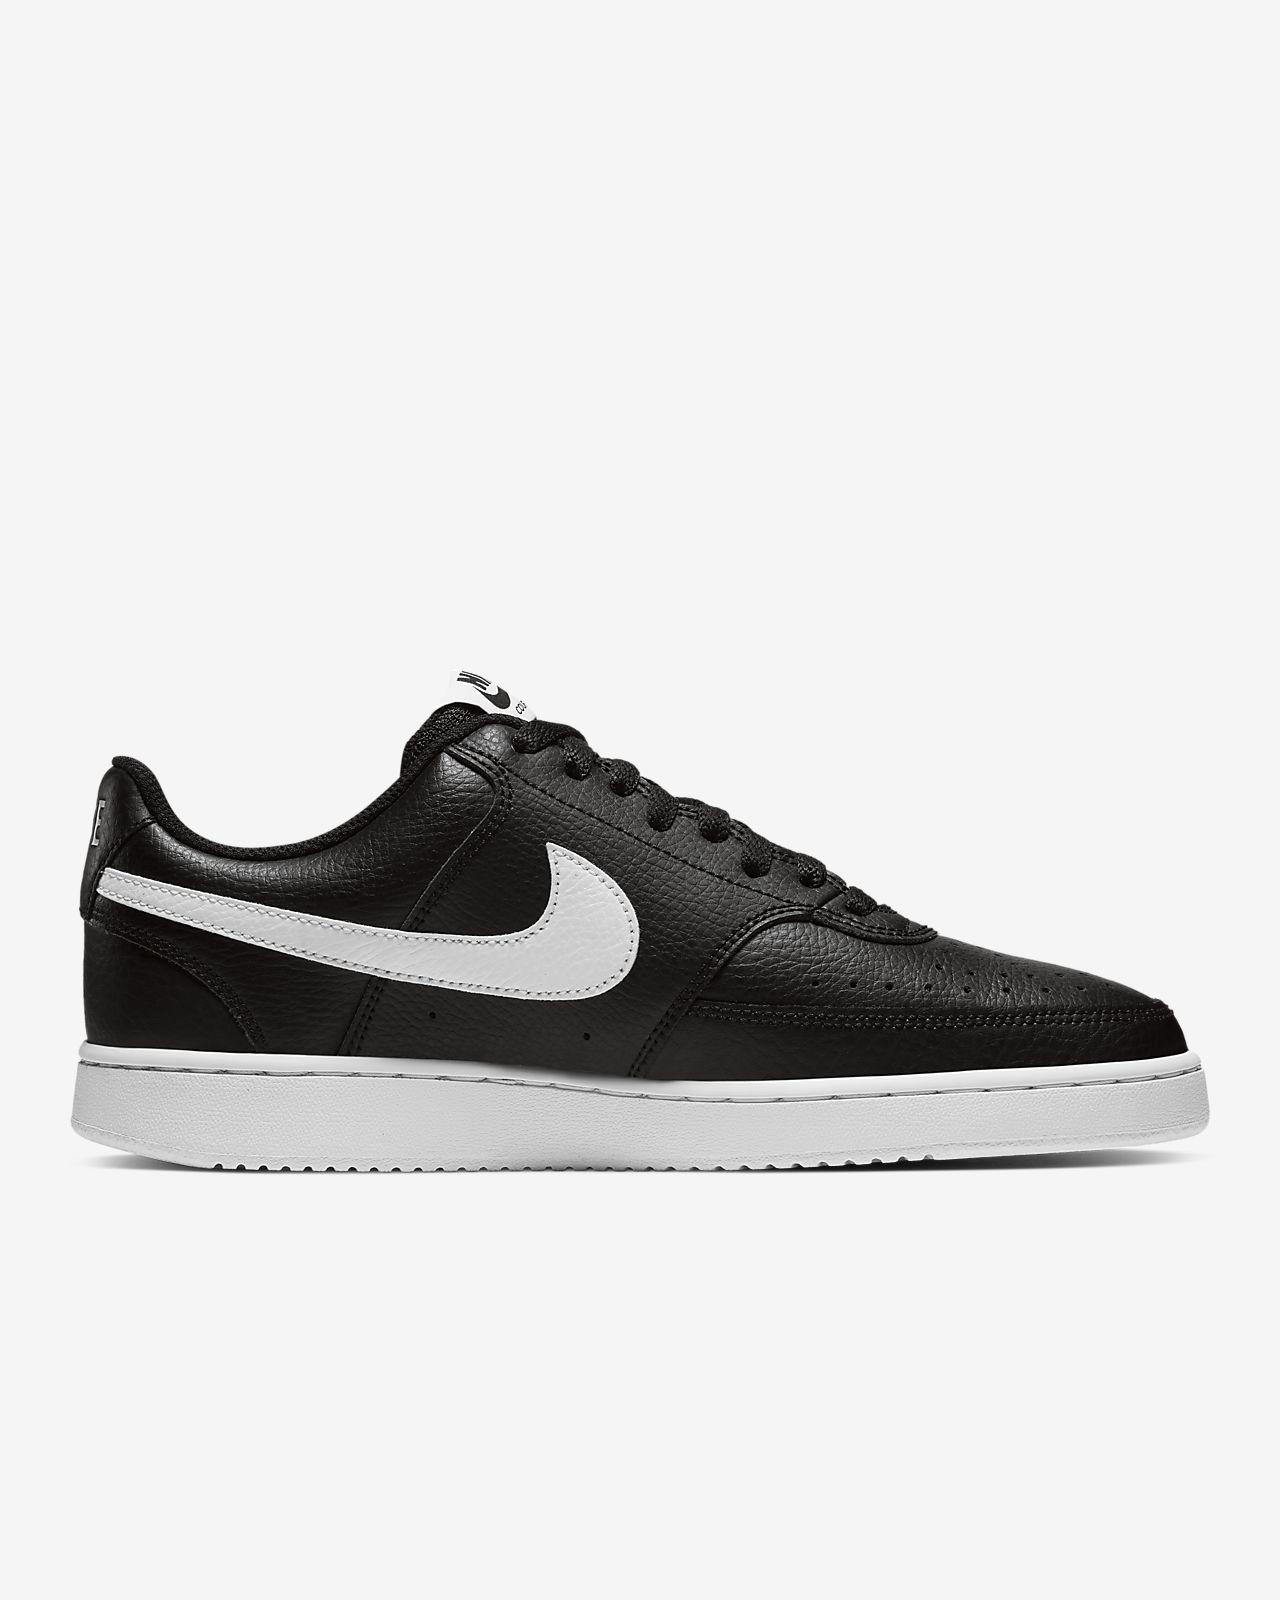 Sko Nike Court Vision Low för män. Nike SE